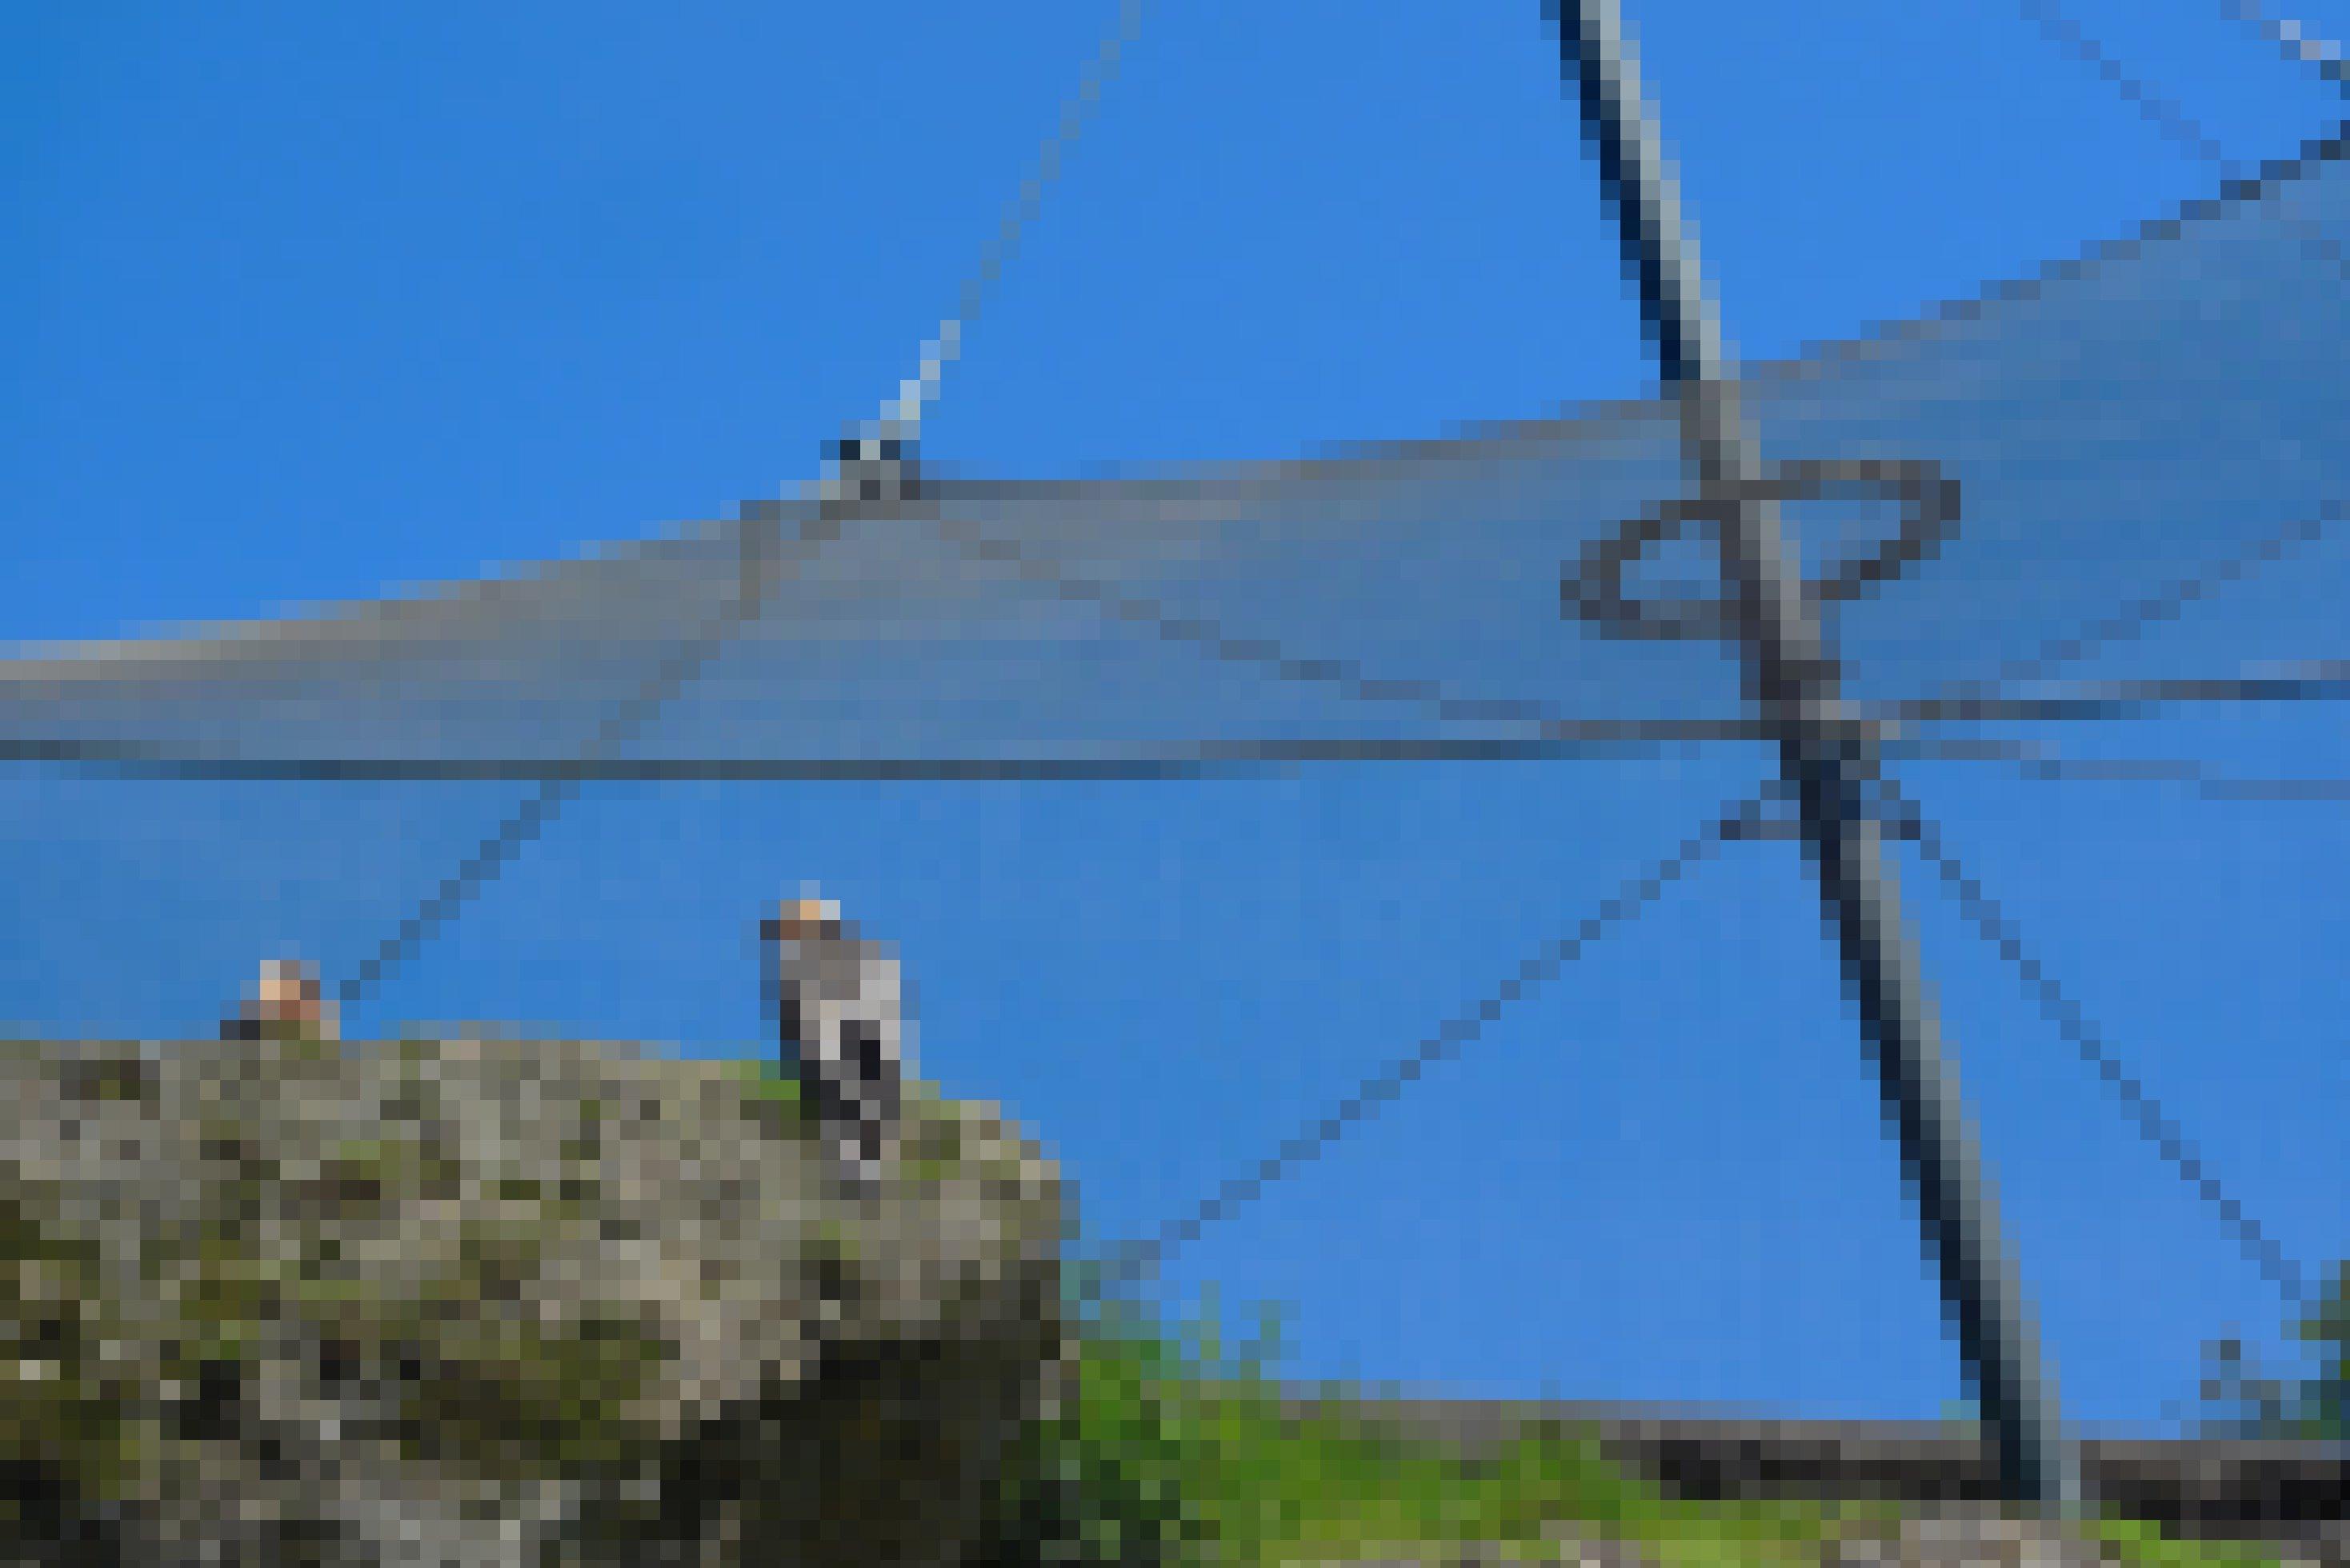 Zwei Bartgeier sitzen in der Voliere des Natur- und Tierparks Goldau in der Schweiz.